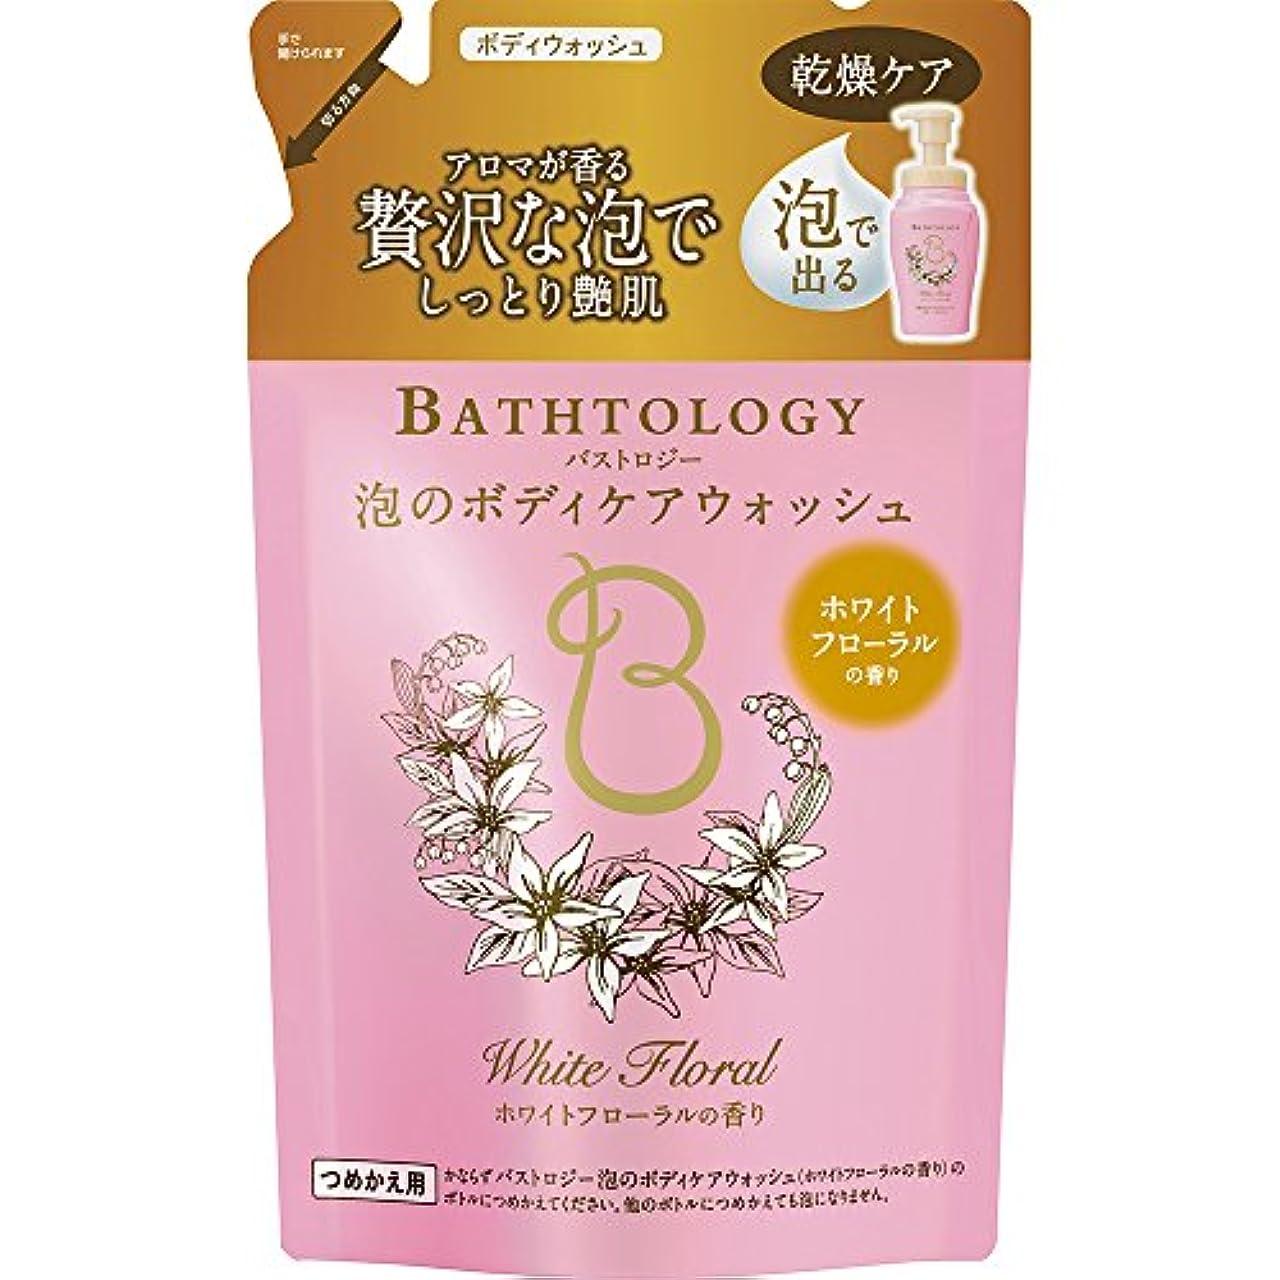 効能ある信頼できる大臣BATHTOLOGY 泡のボディケアウォッシュ ホワイトフローラルの香り 詰め替え 350ml